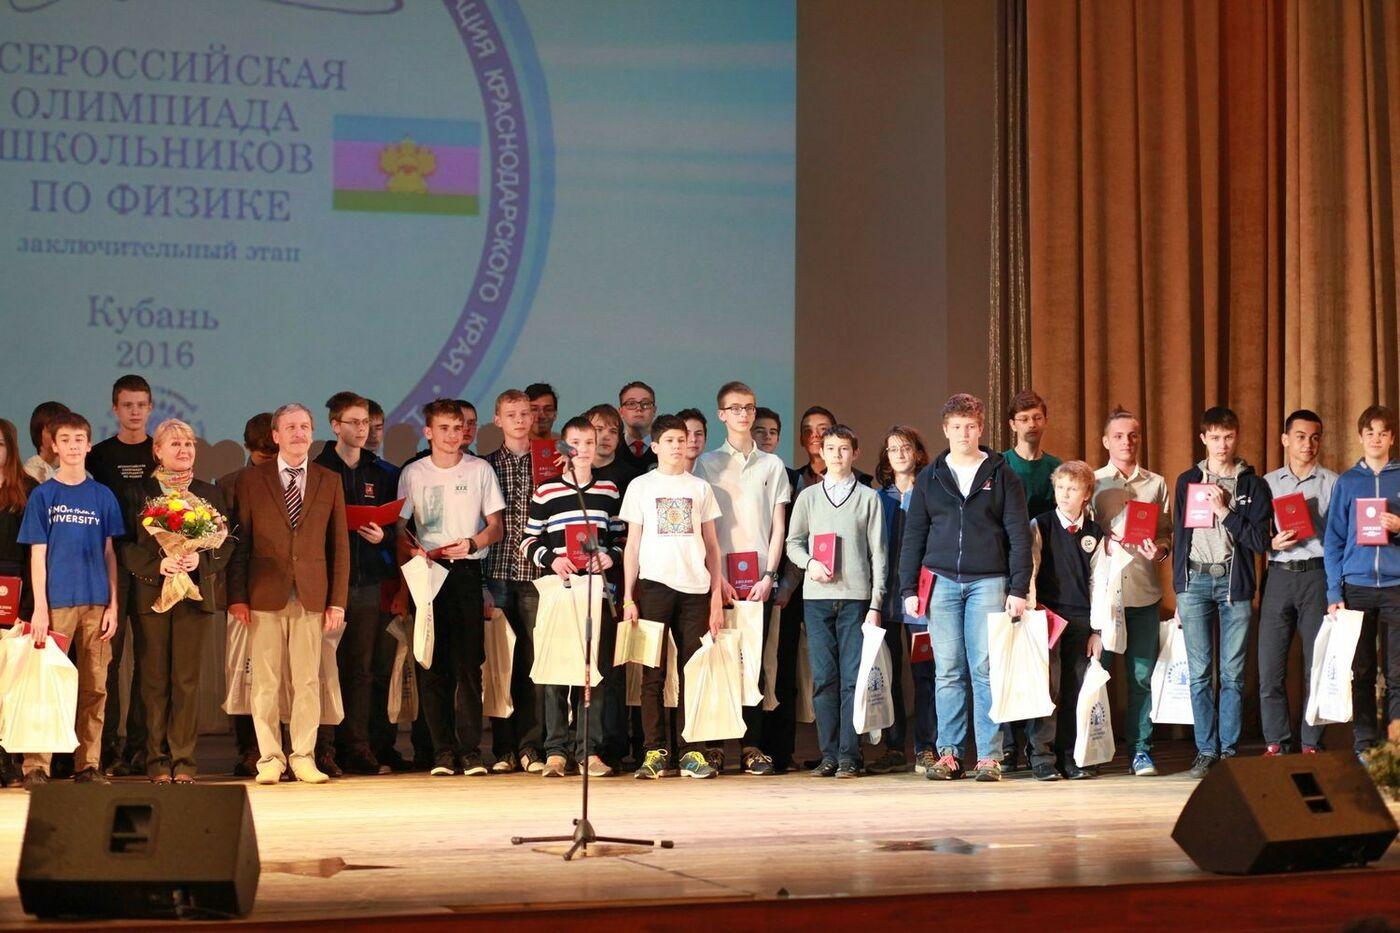 Успешное выступление на Всероссийской Олимпиаде по физике